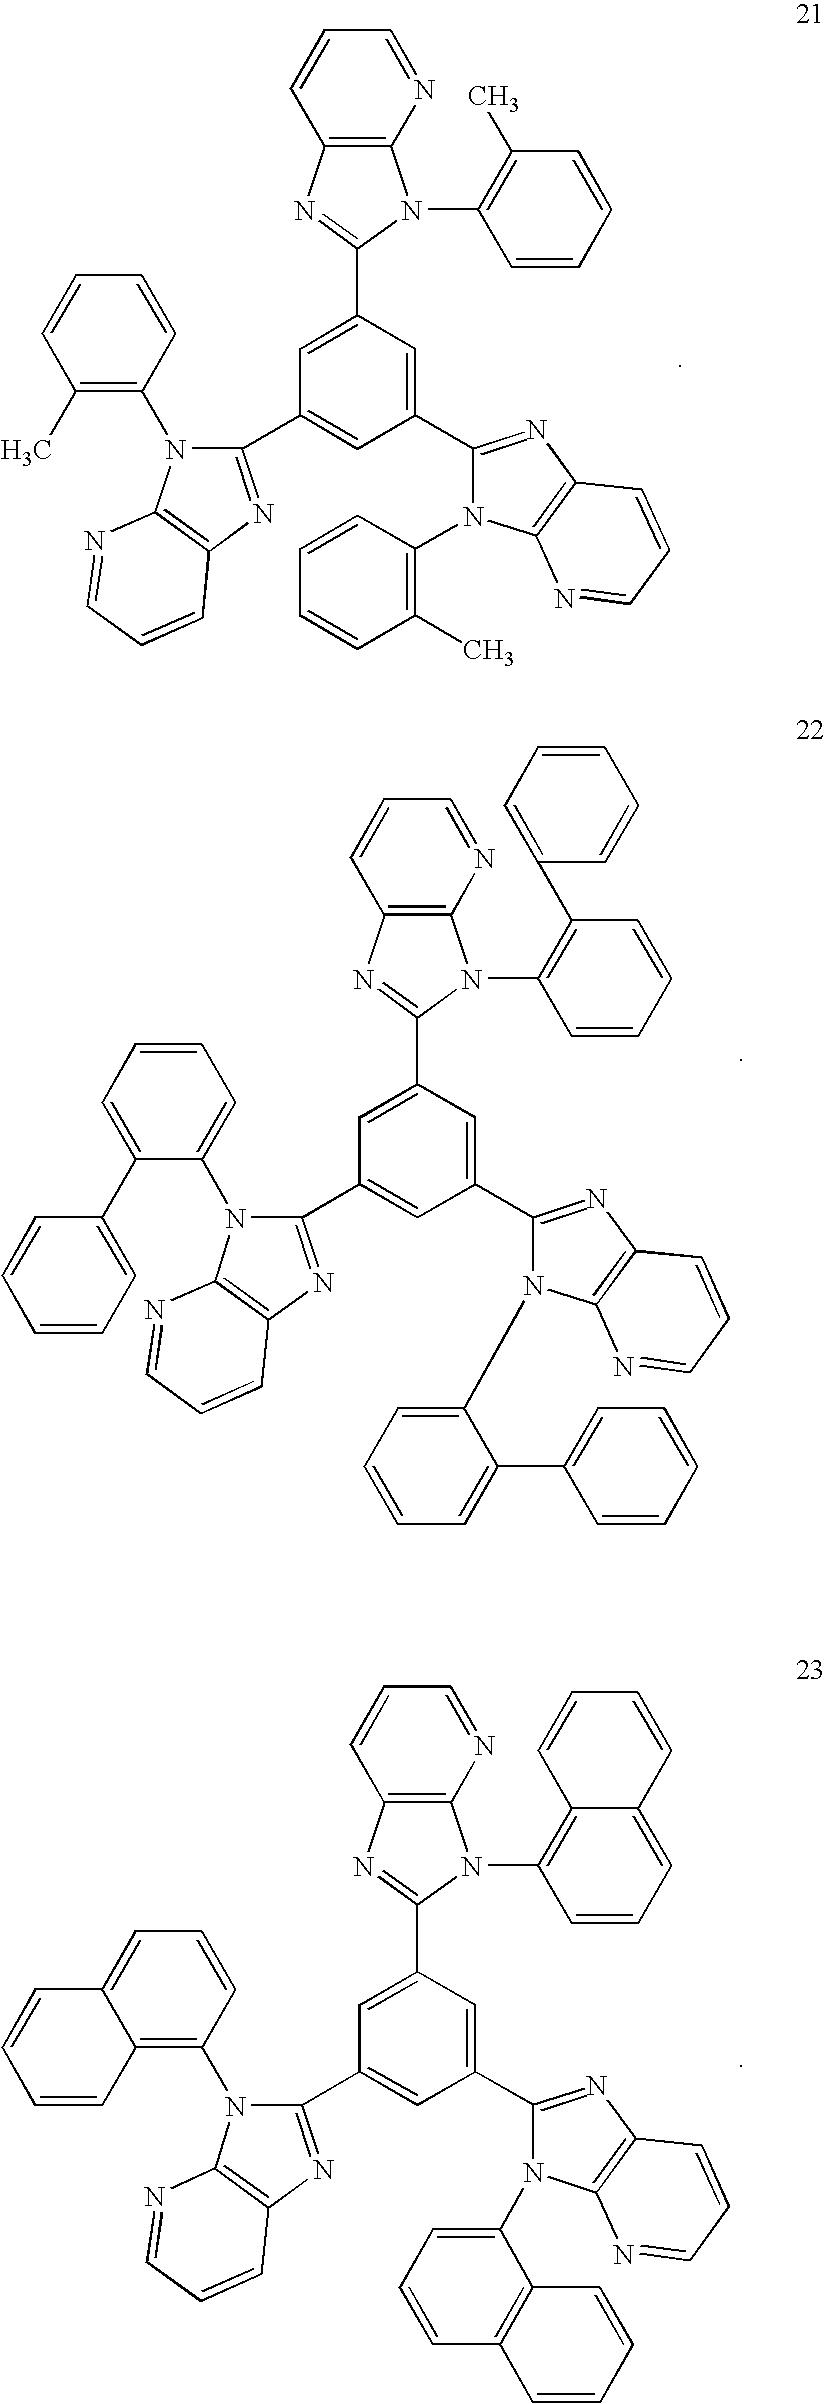 Figure US20060044561A1-20060302-C00009